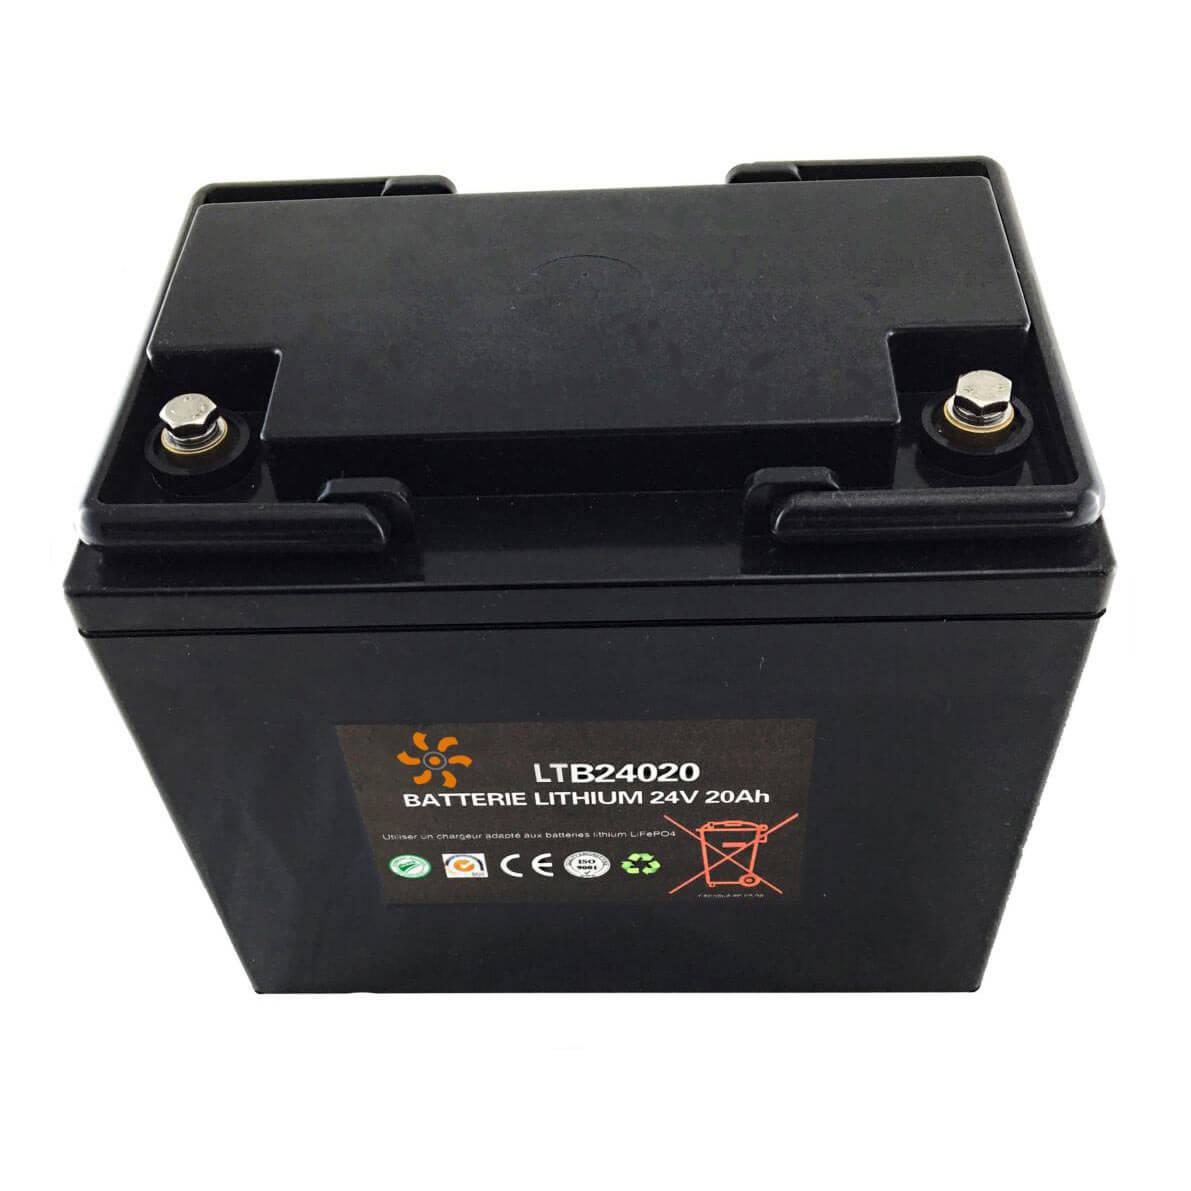 Batterie-lithium-24V-20Ah